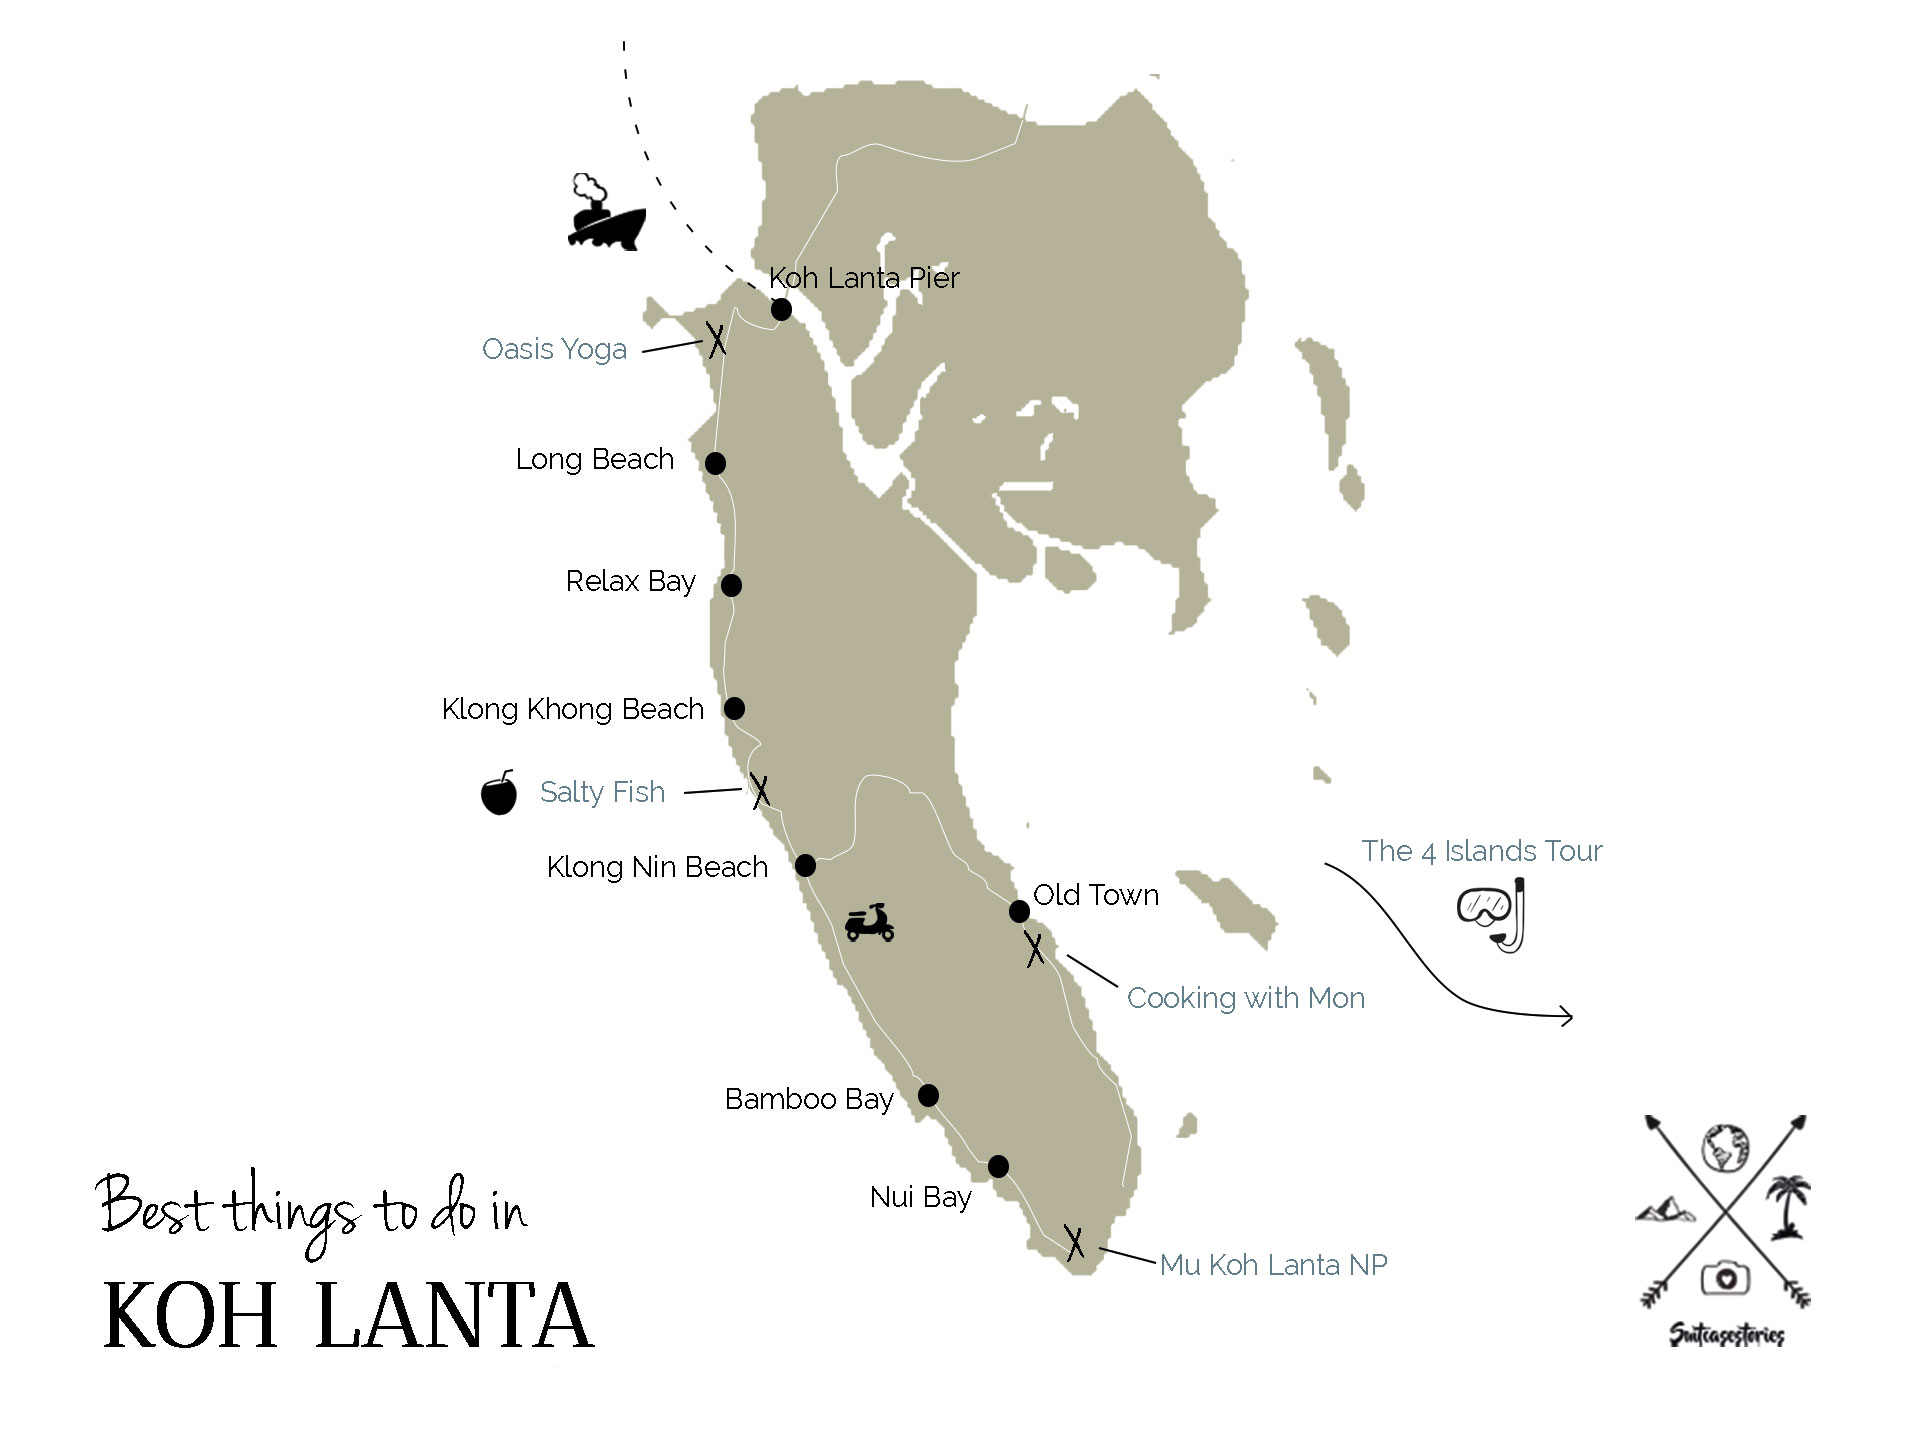 Thailand - Koh Lanta